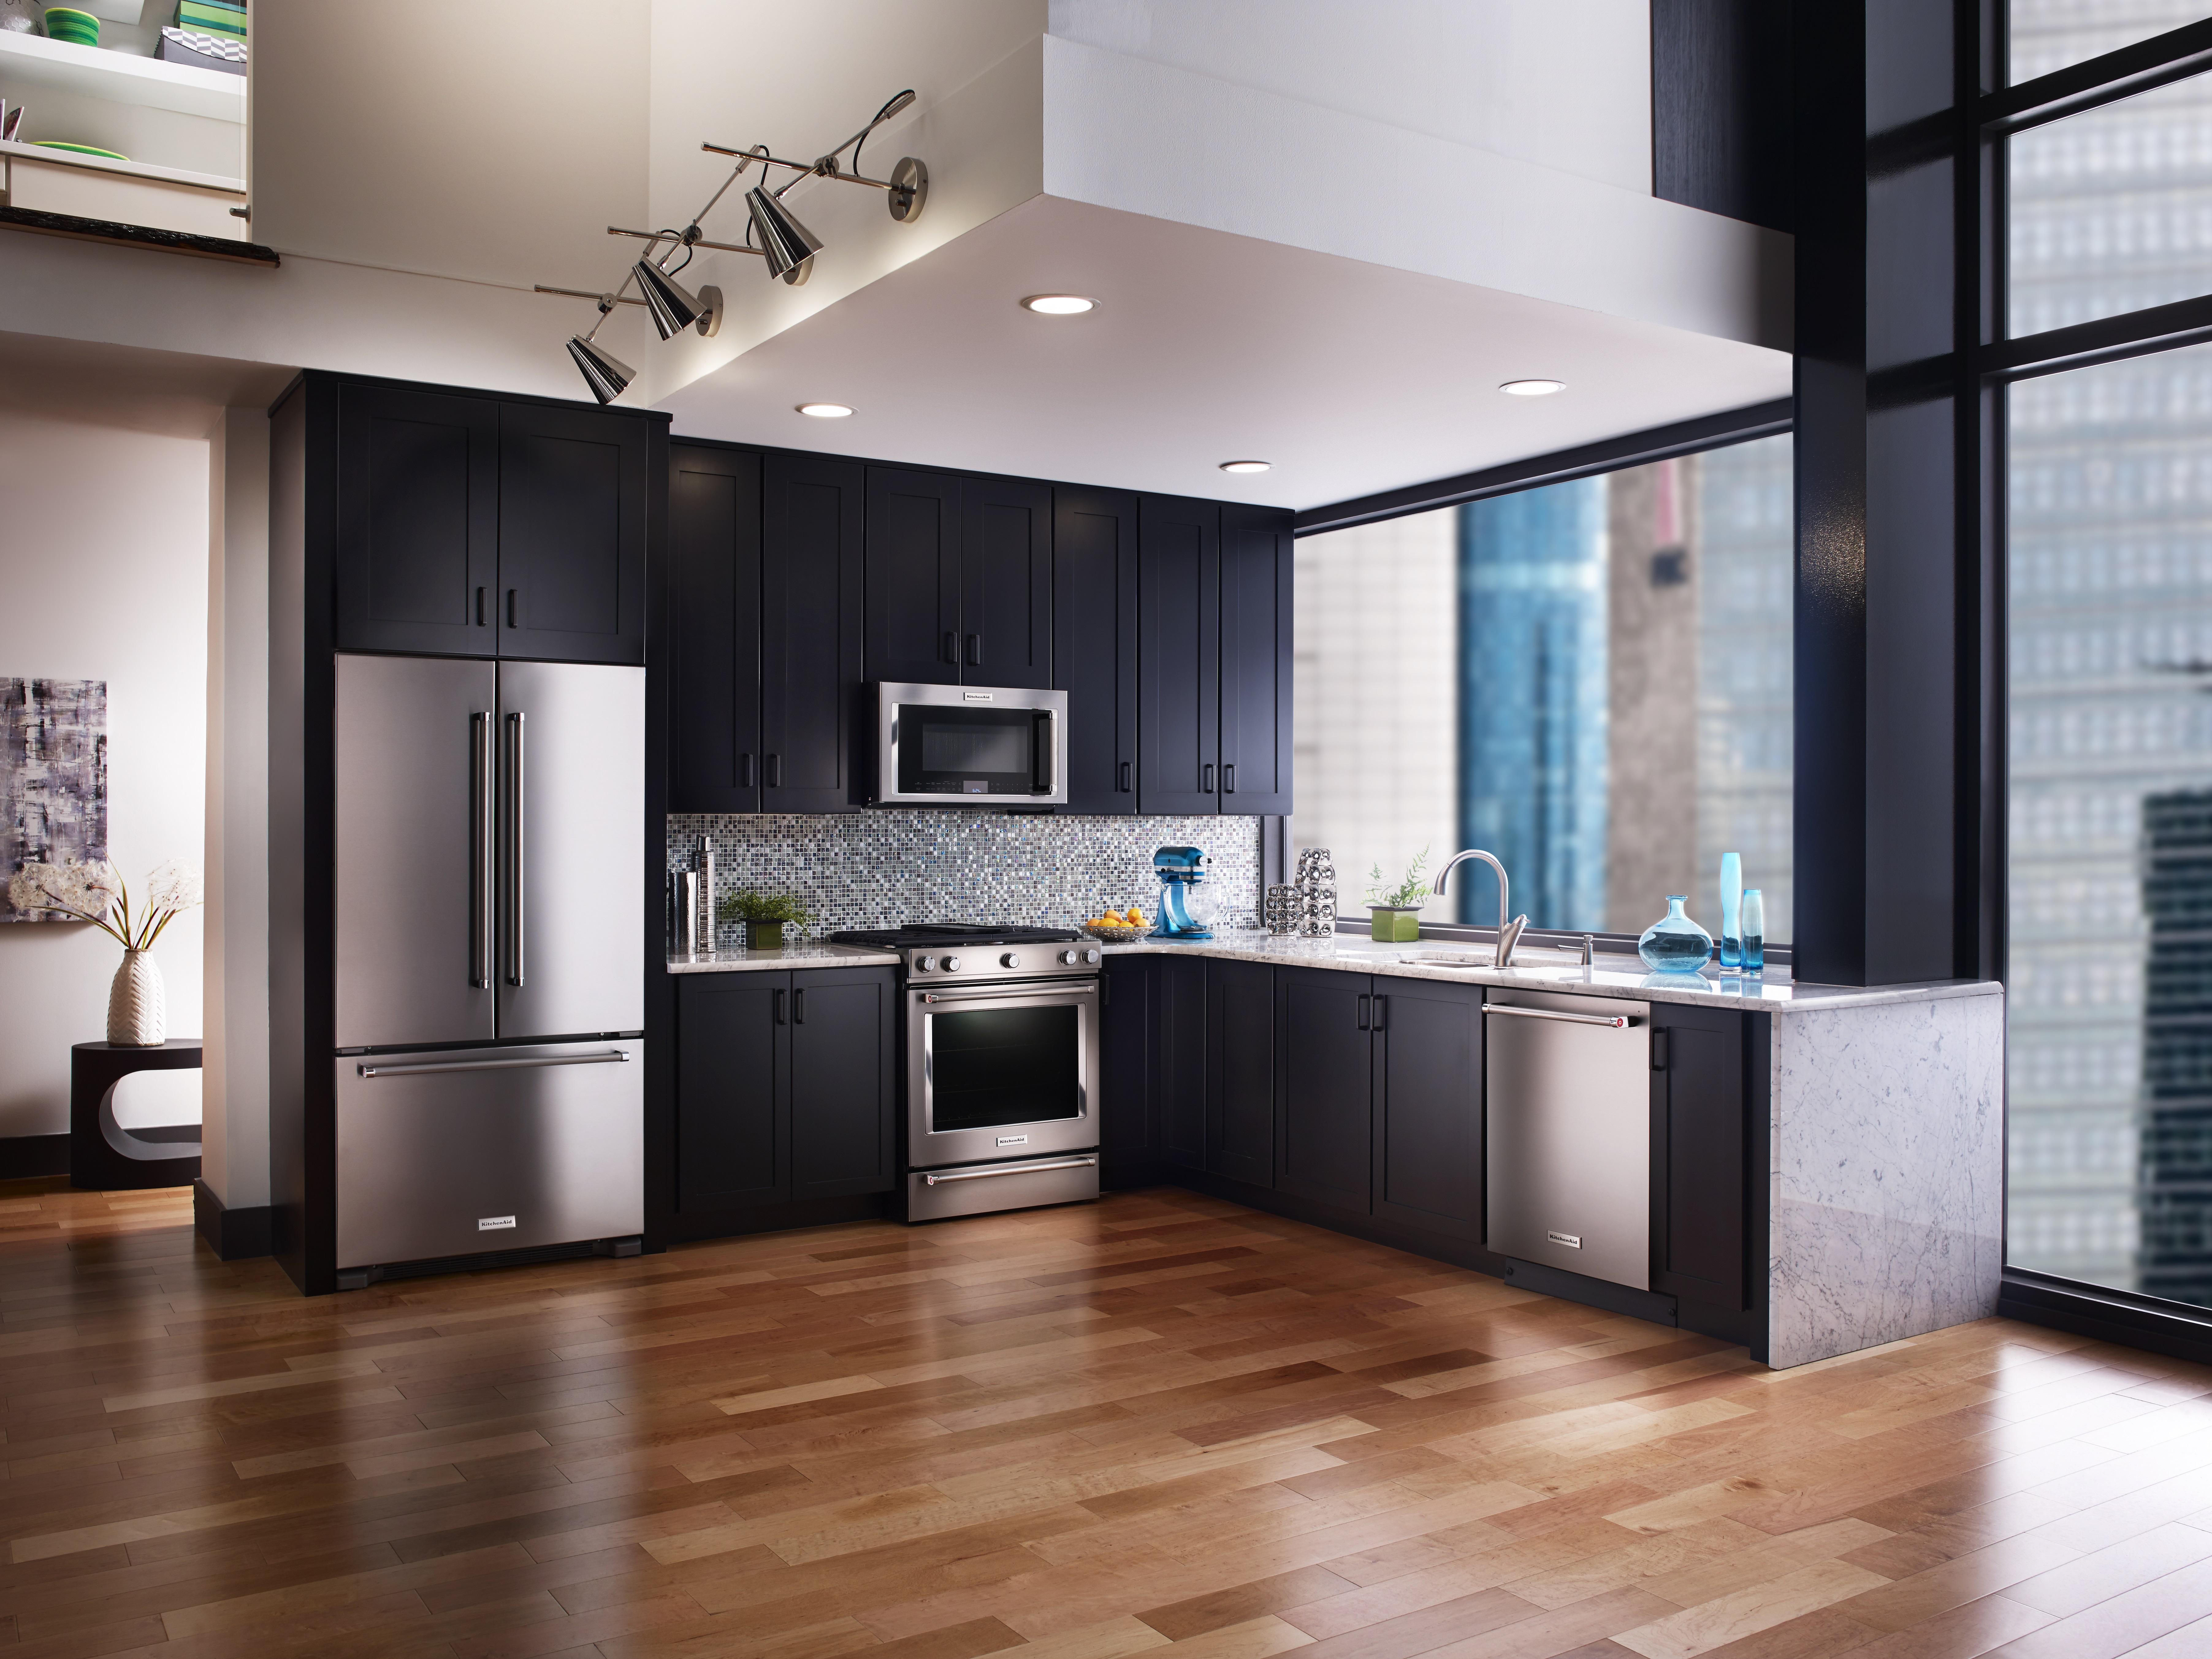 Kitchenaid Appliances Black Stainless transform your kitchen with kitchenaid